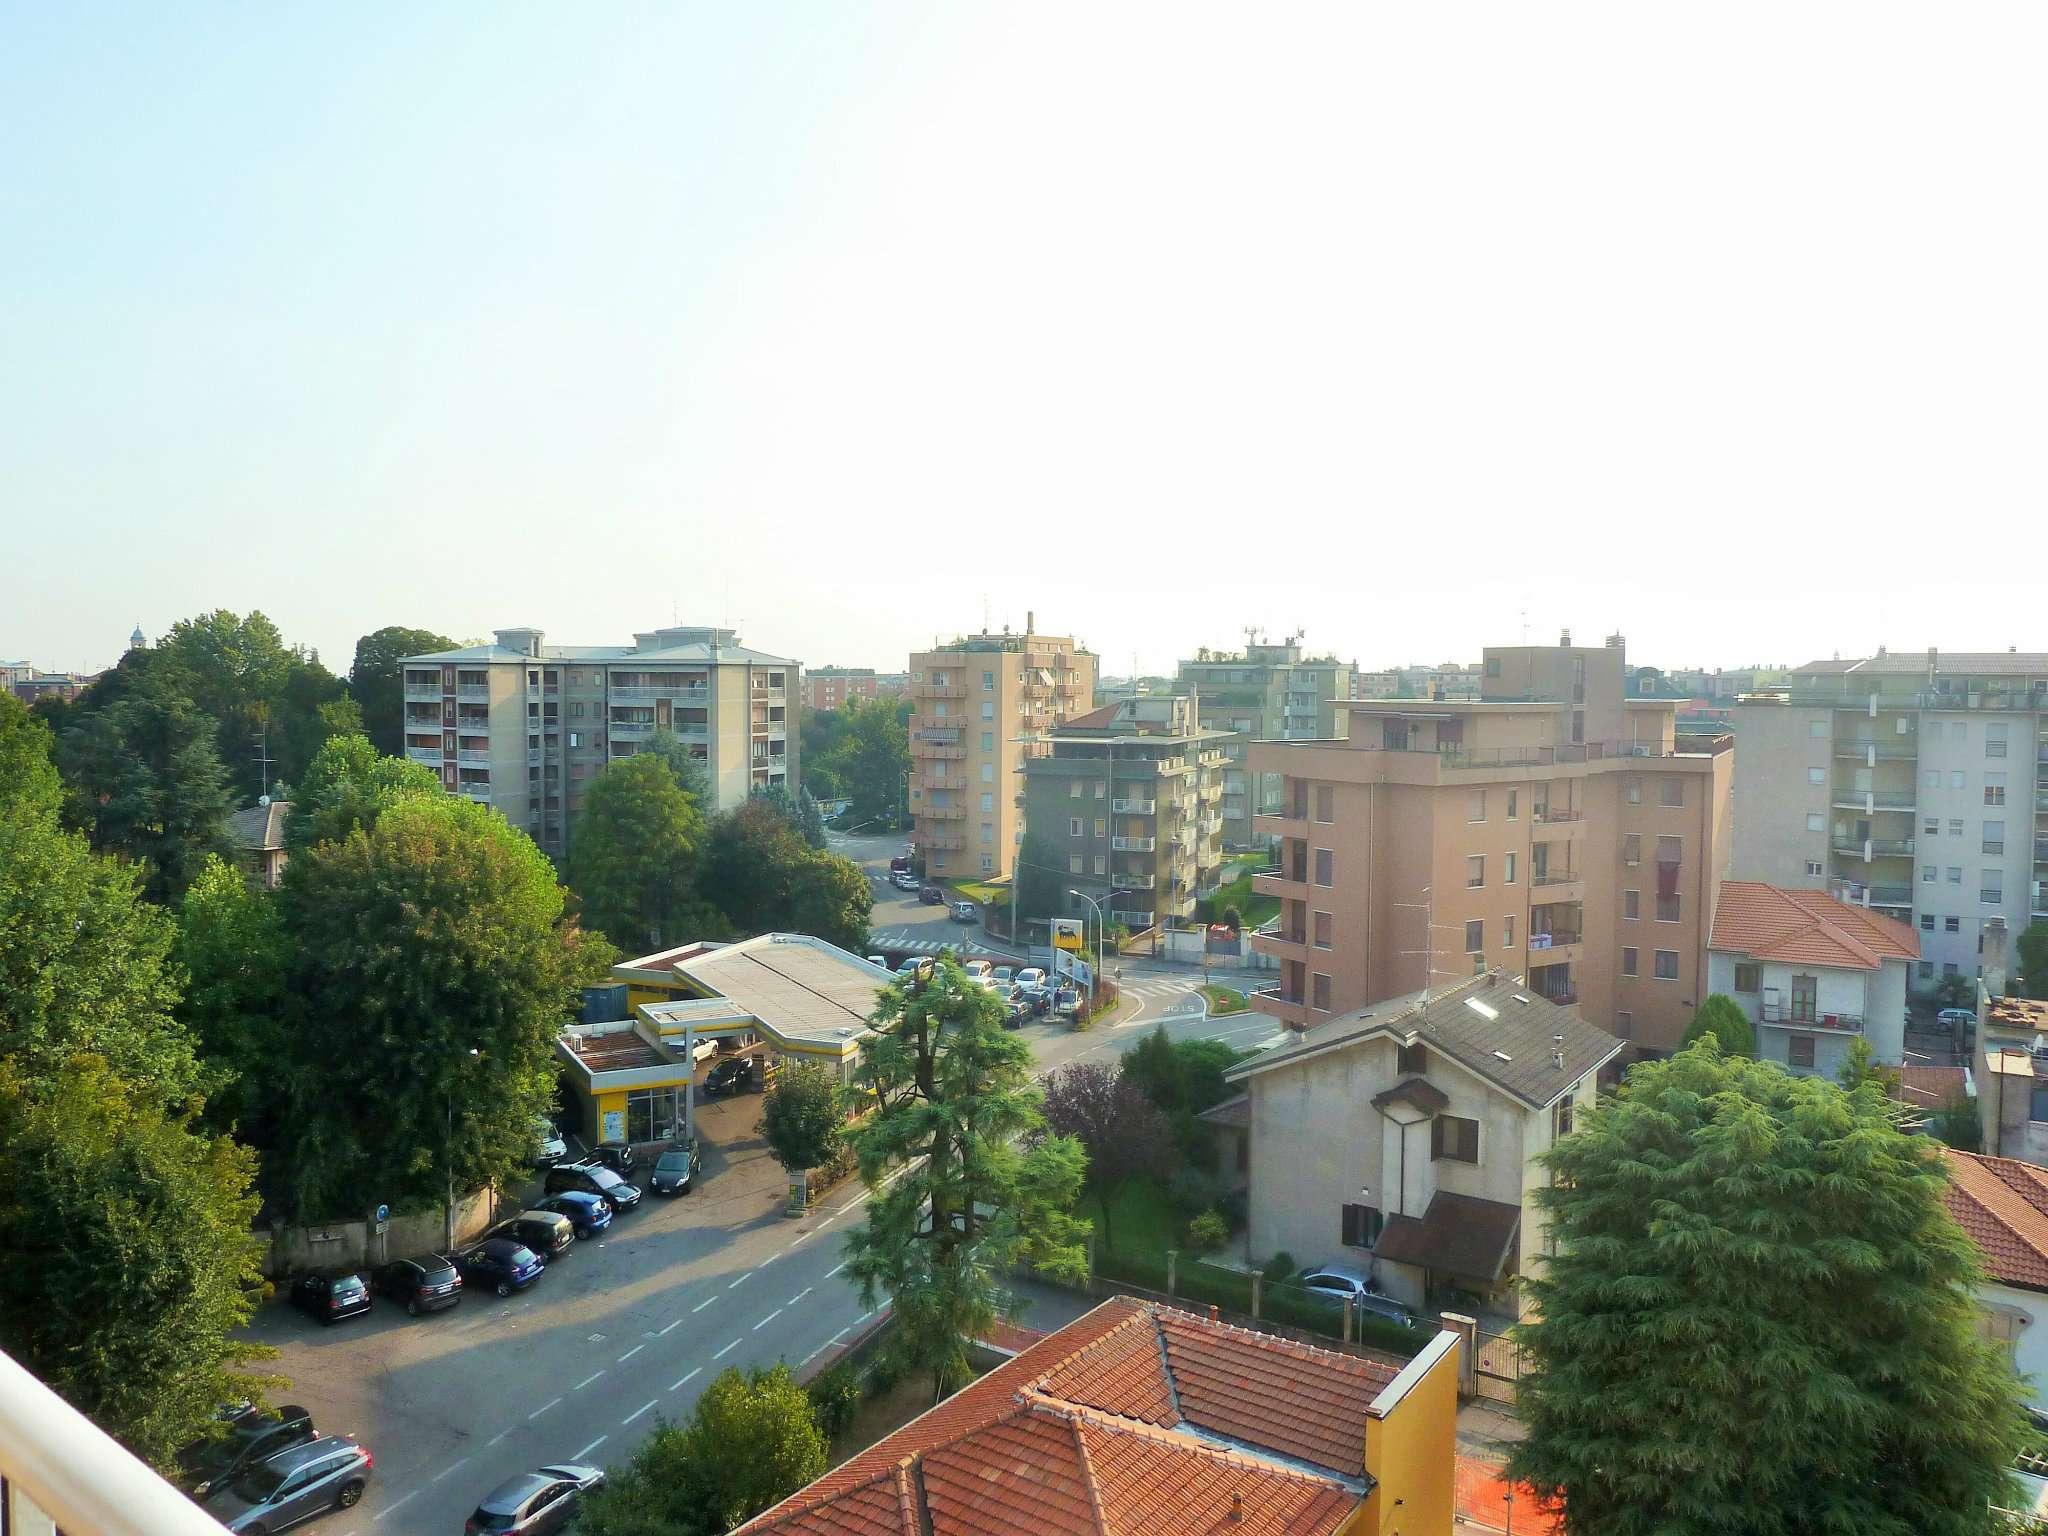 Attico / Mansarda in vendita a Saronno, 3 locali, prezzo € 119.000 | PortaleAgenzieImmobiliari.it